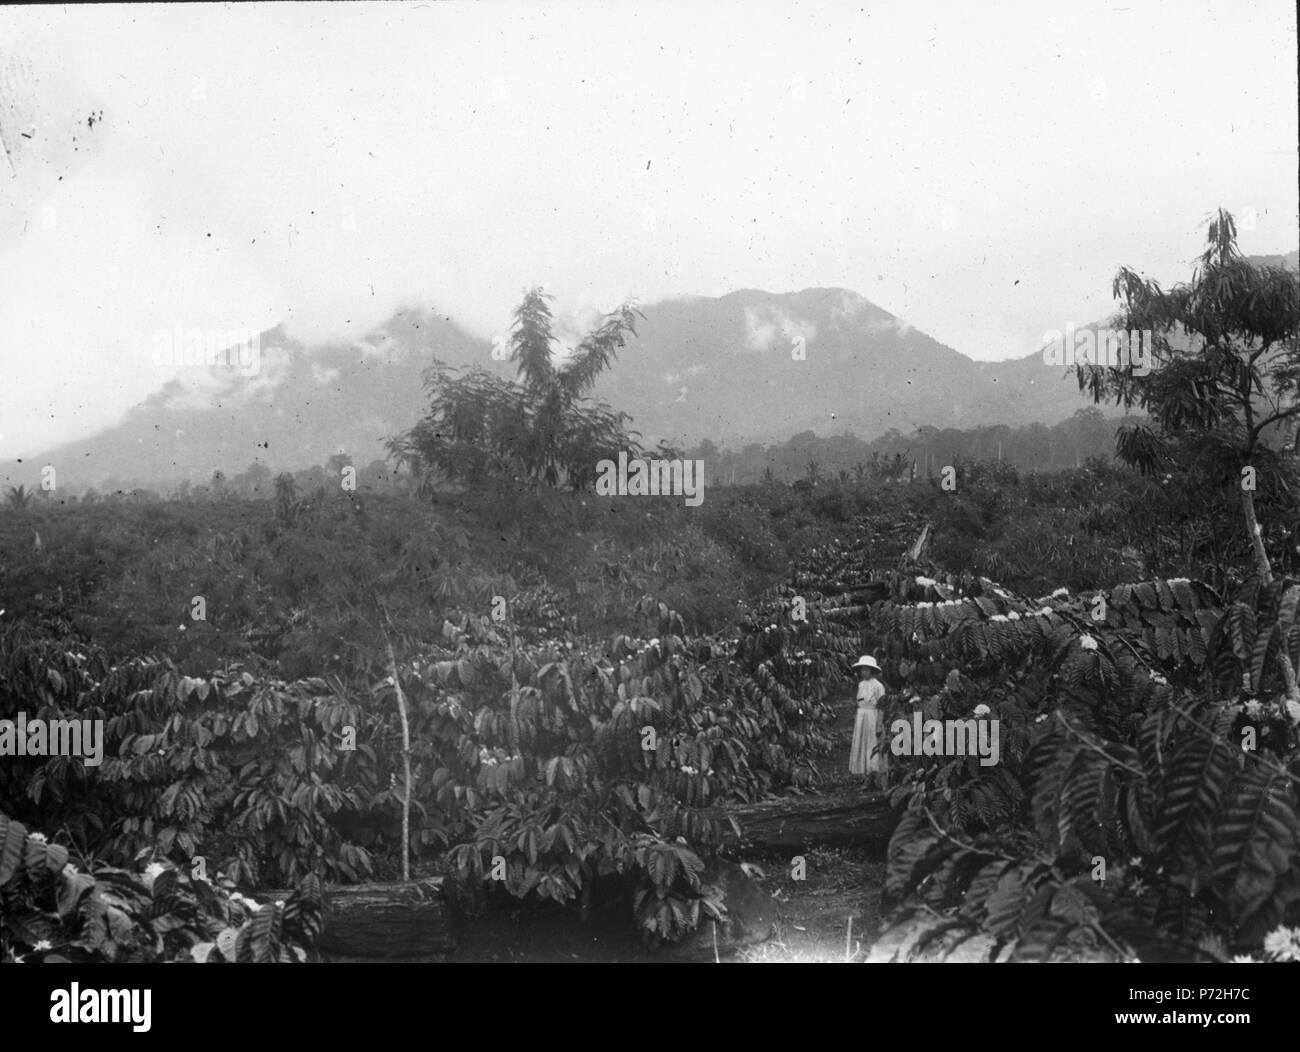 35 Kaffeplantage i Modajág. Sulawesi. Indonesien - SMVK - 1997D - Stock Image